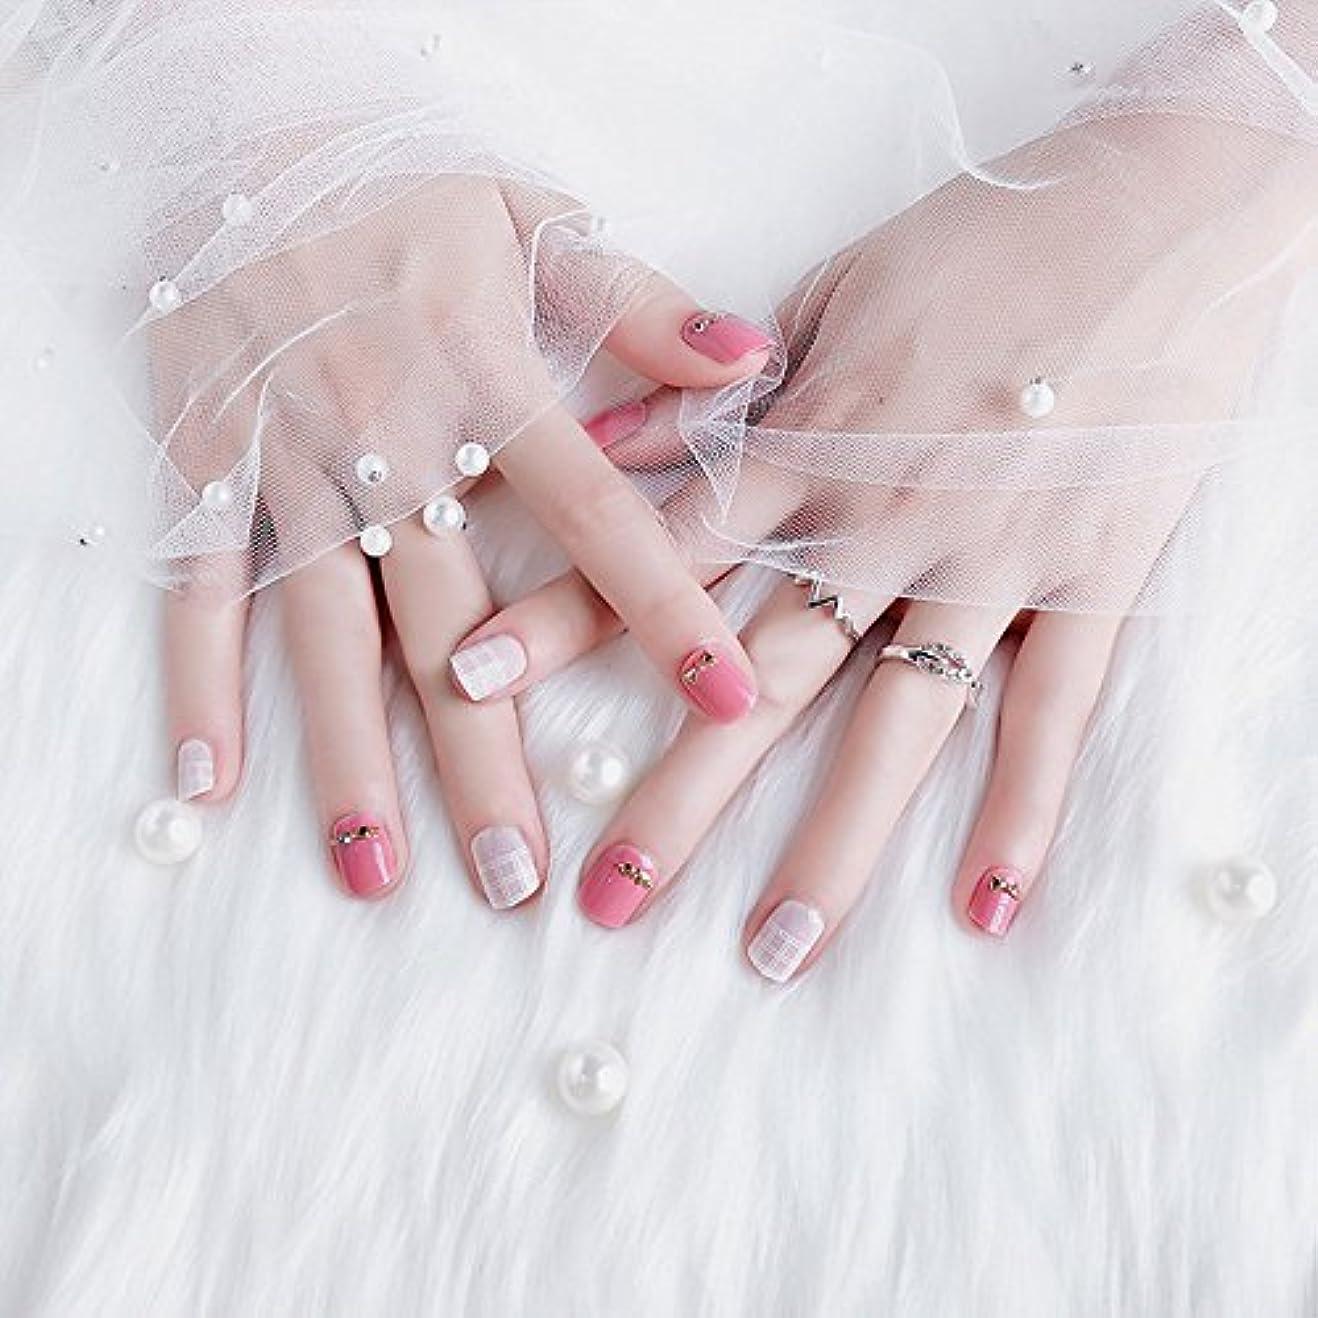 請う野ウサギウェーハおしゃれなネイルチップ 短いさネイルチップ 複数のスタイル 24枚入 結婚式、パーティー、二次会などに ネイルアート 手作りネイルチップ 両面接着テープ付き (ピンク)